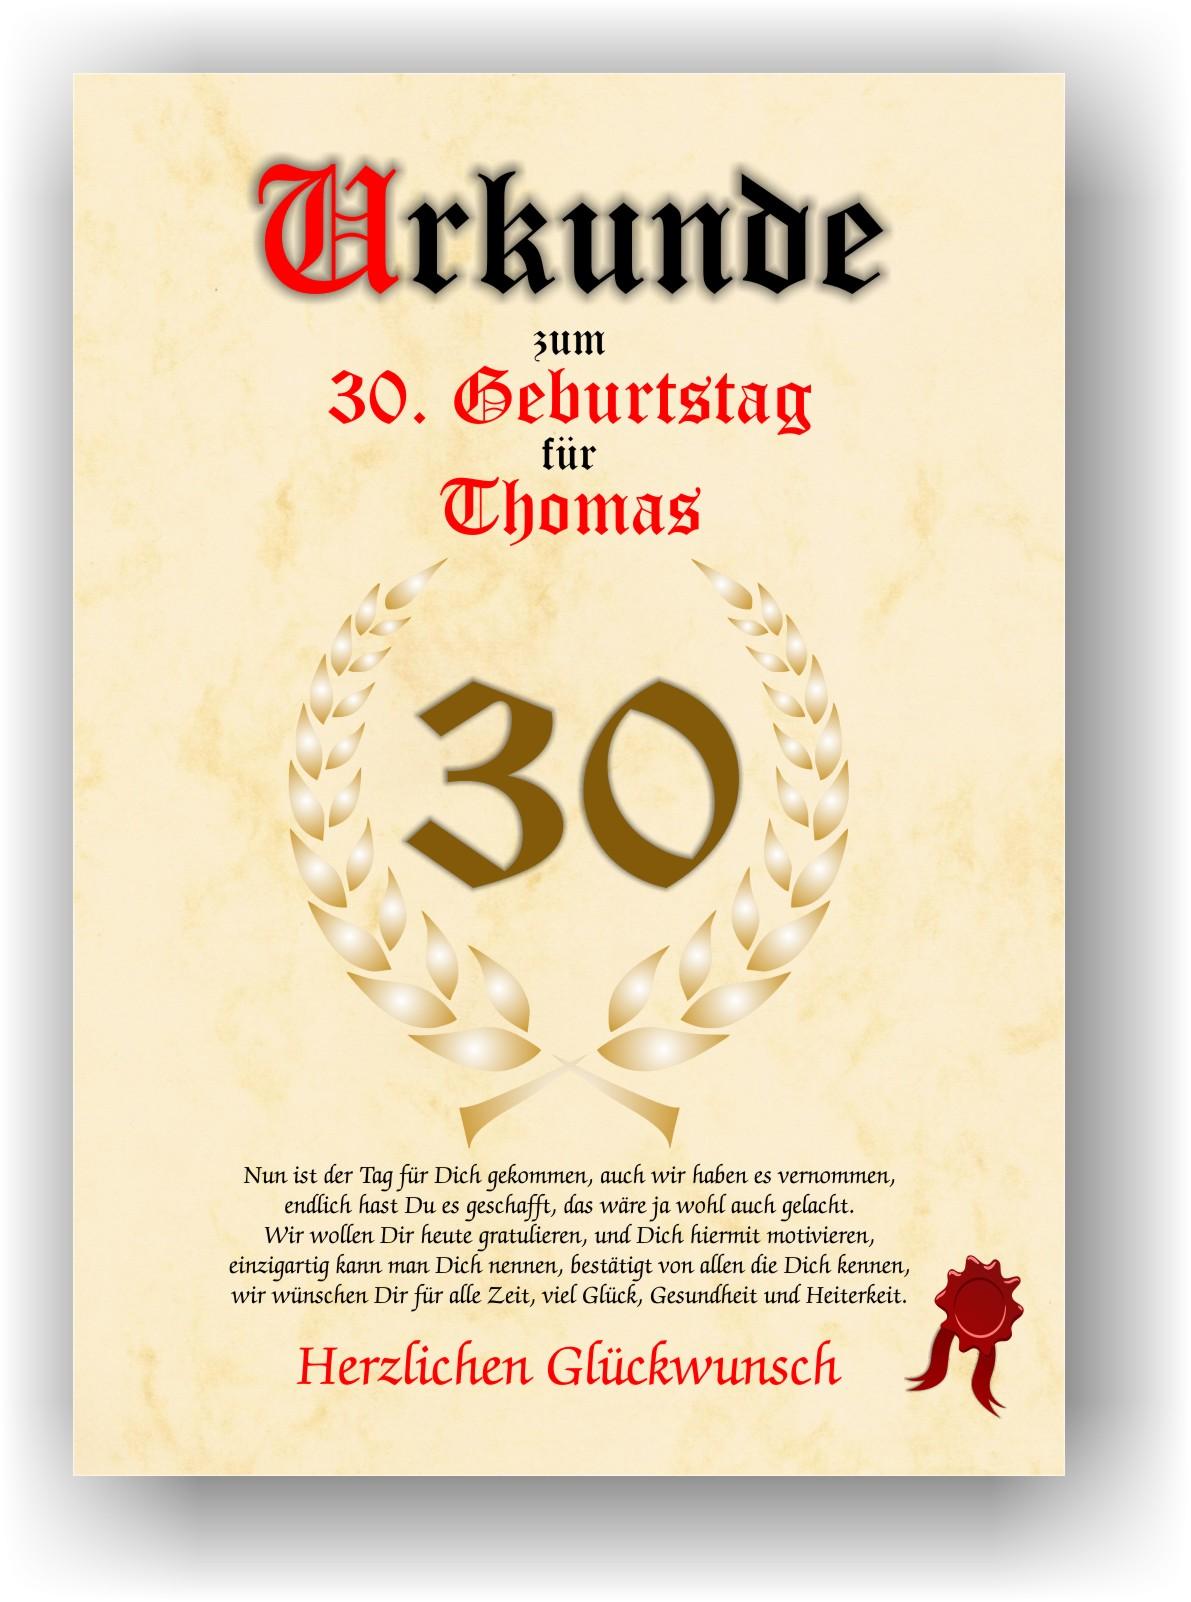 Urkunde 30. Geburtstag Geschenk Geschenkidee Spruch Namensdruck Gedicht  Party Deko Bild Mit Namen Personalisiert